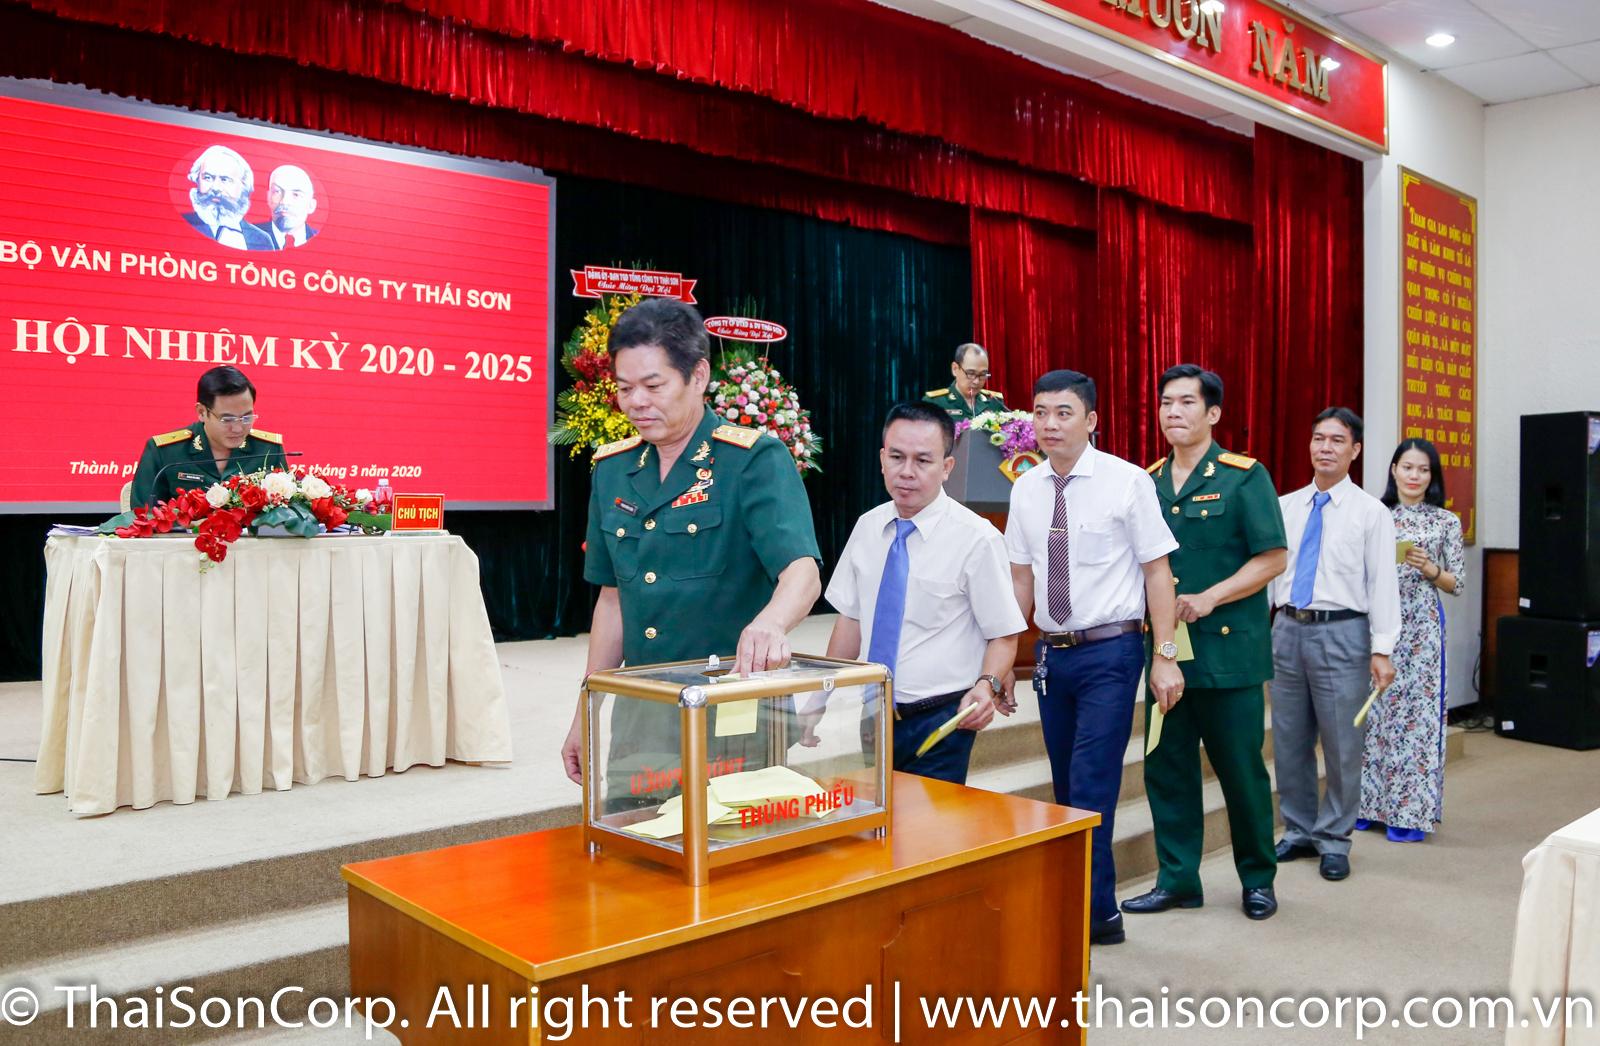 Tổng Công ty Thái Sơn tiến hành đại hội trước cấp tổ chức cơ sở Đảng